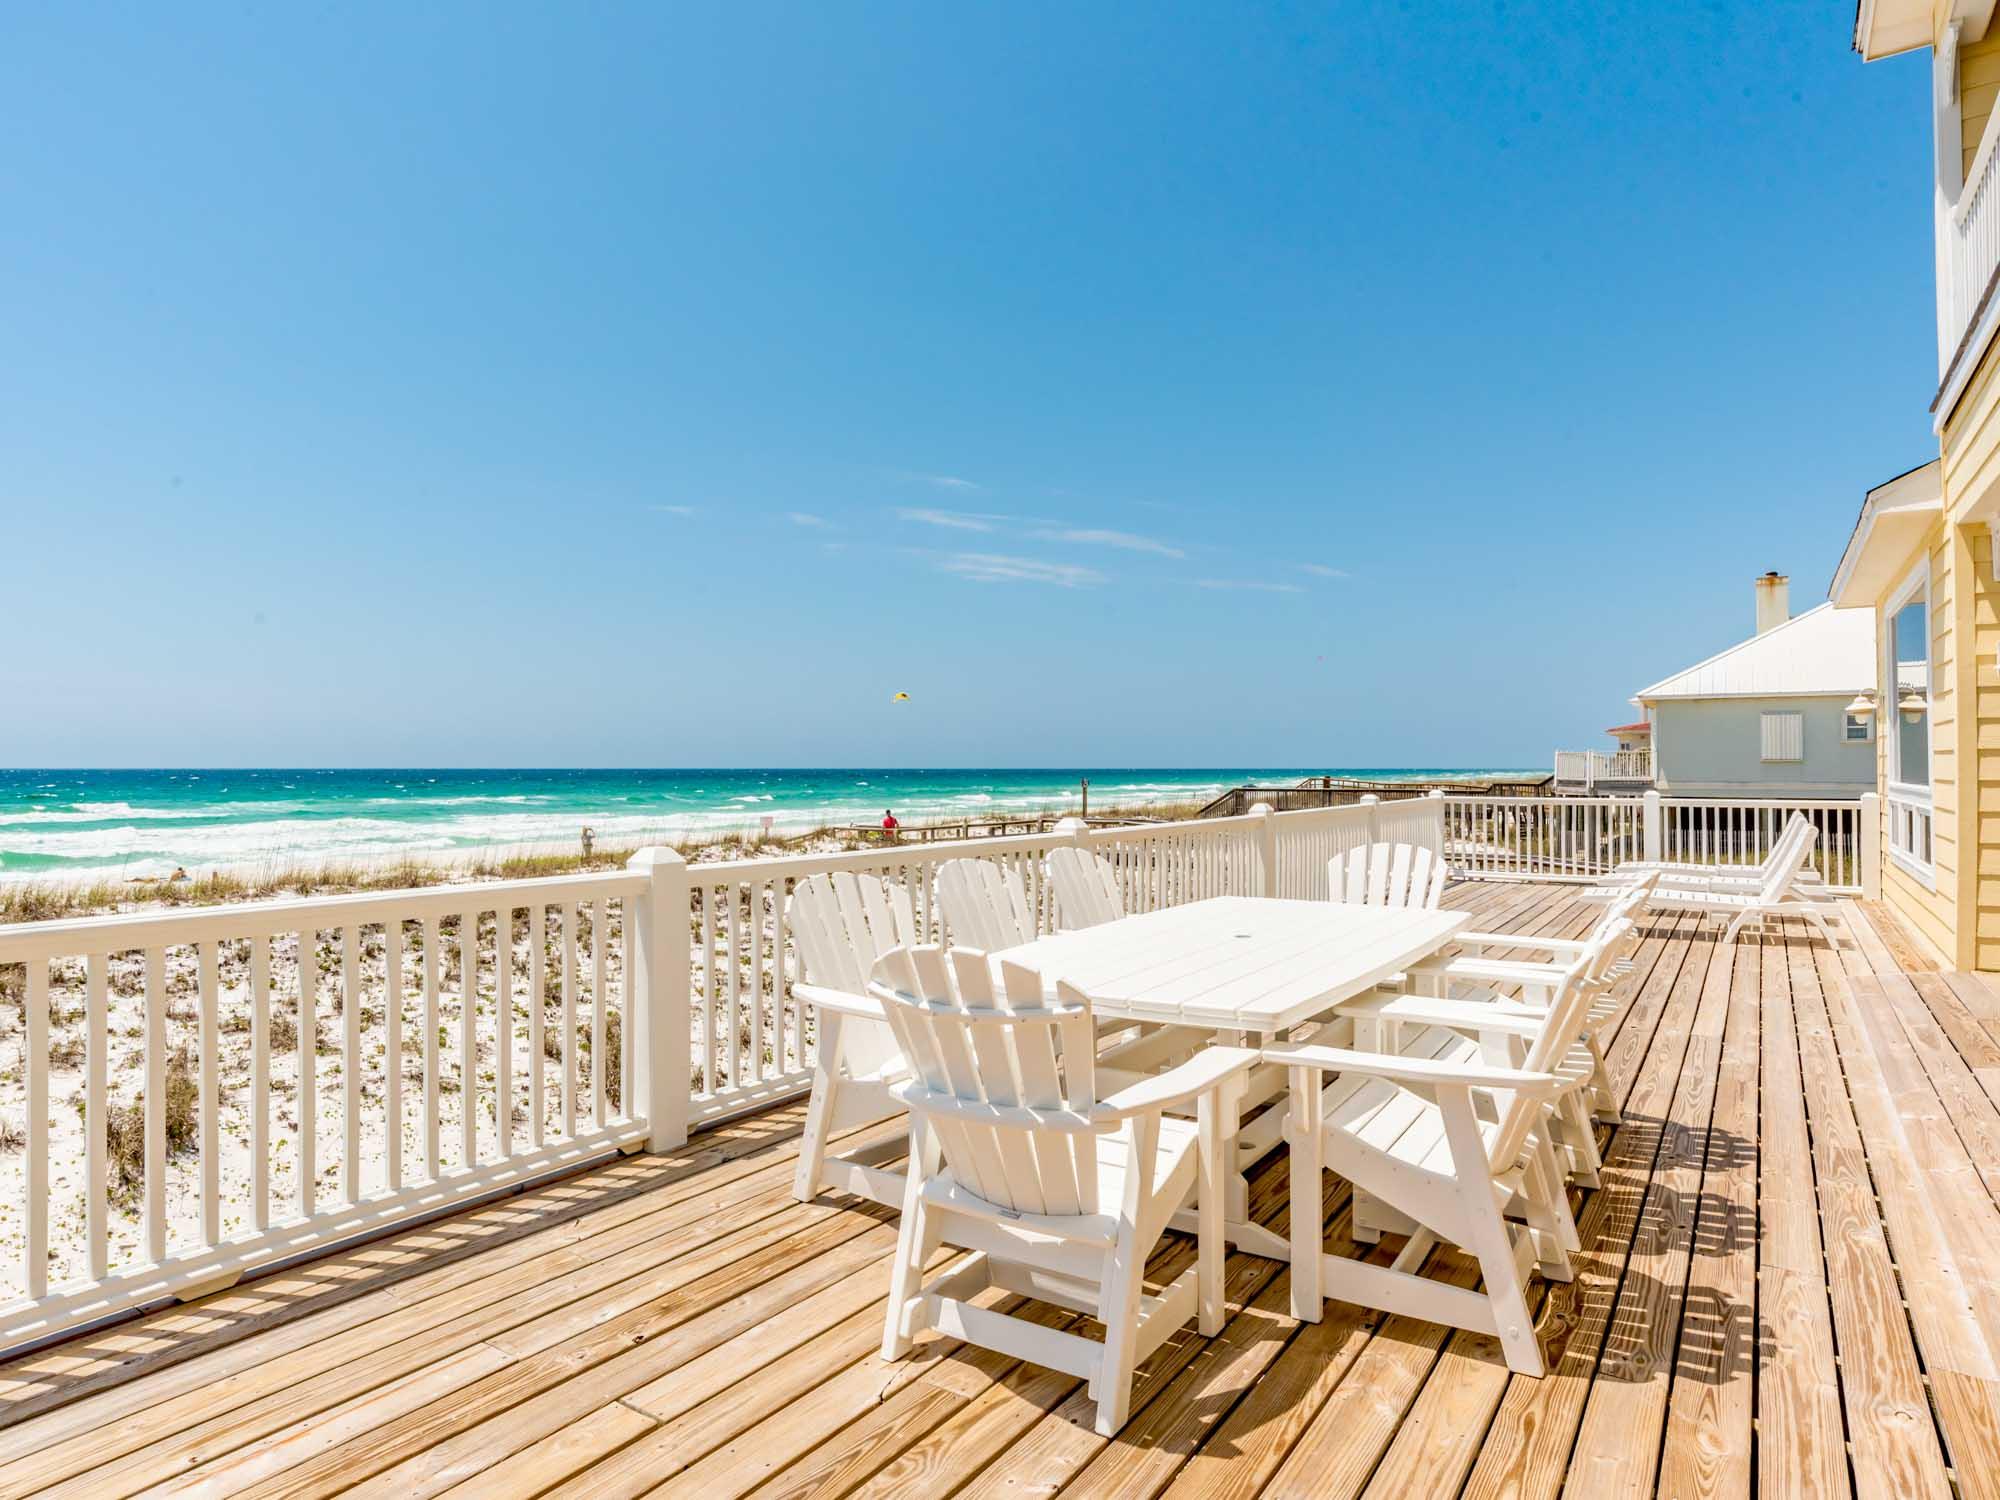 Summer Activities on the Gulf Coast